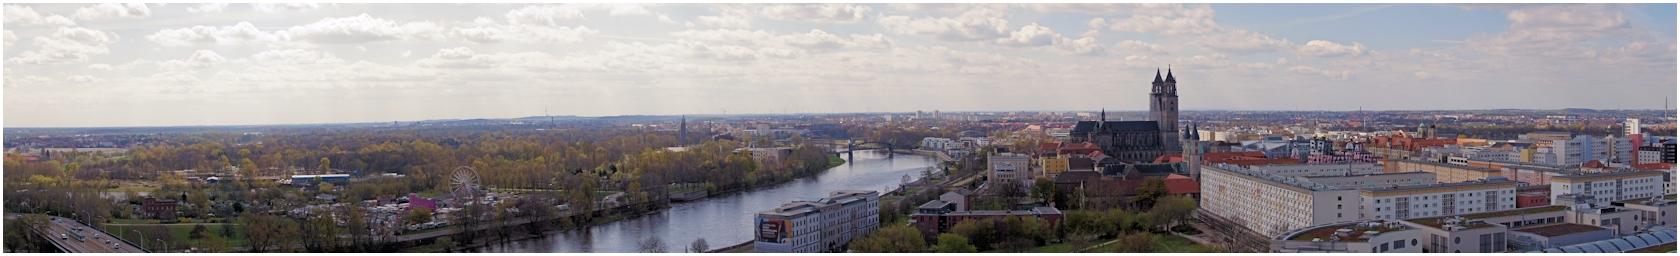 Rechts und links der Elbe